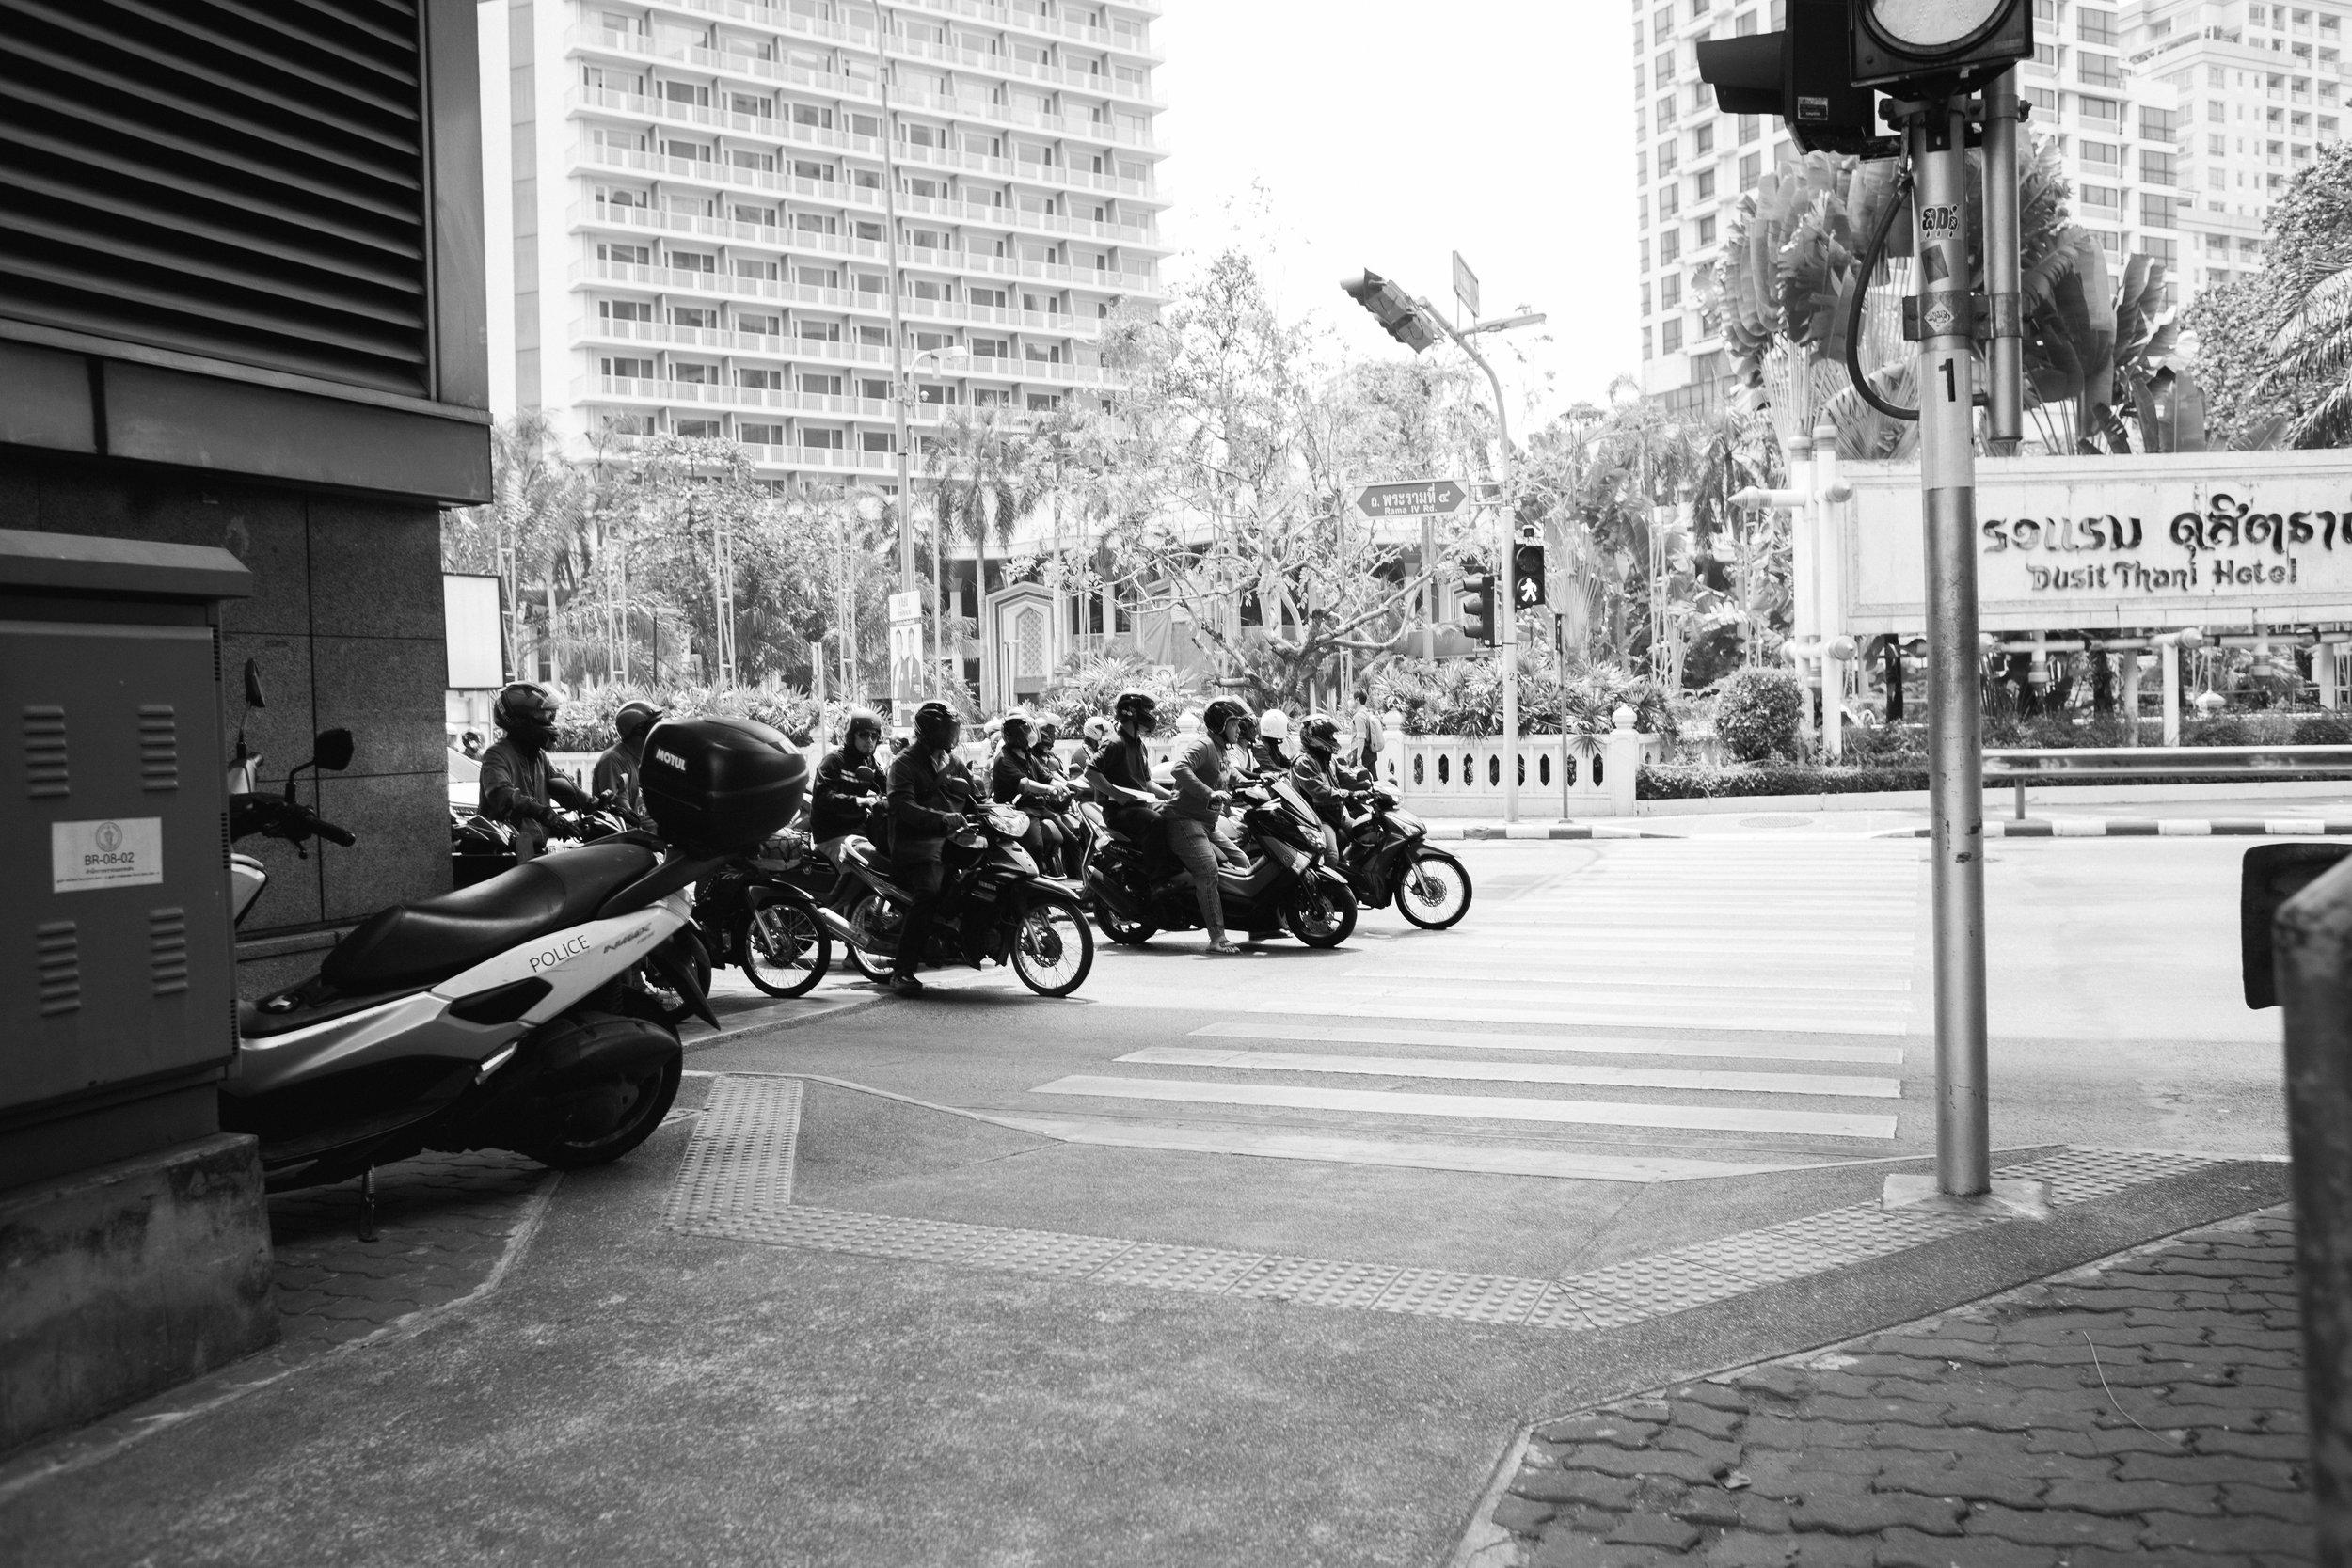 Thailand Day One-6.jpg